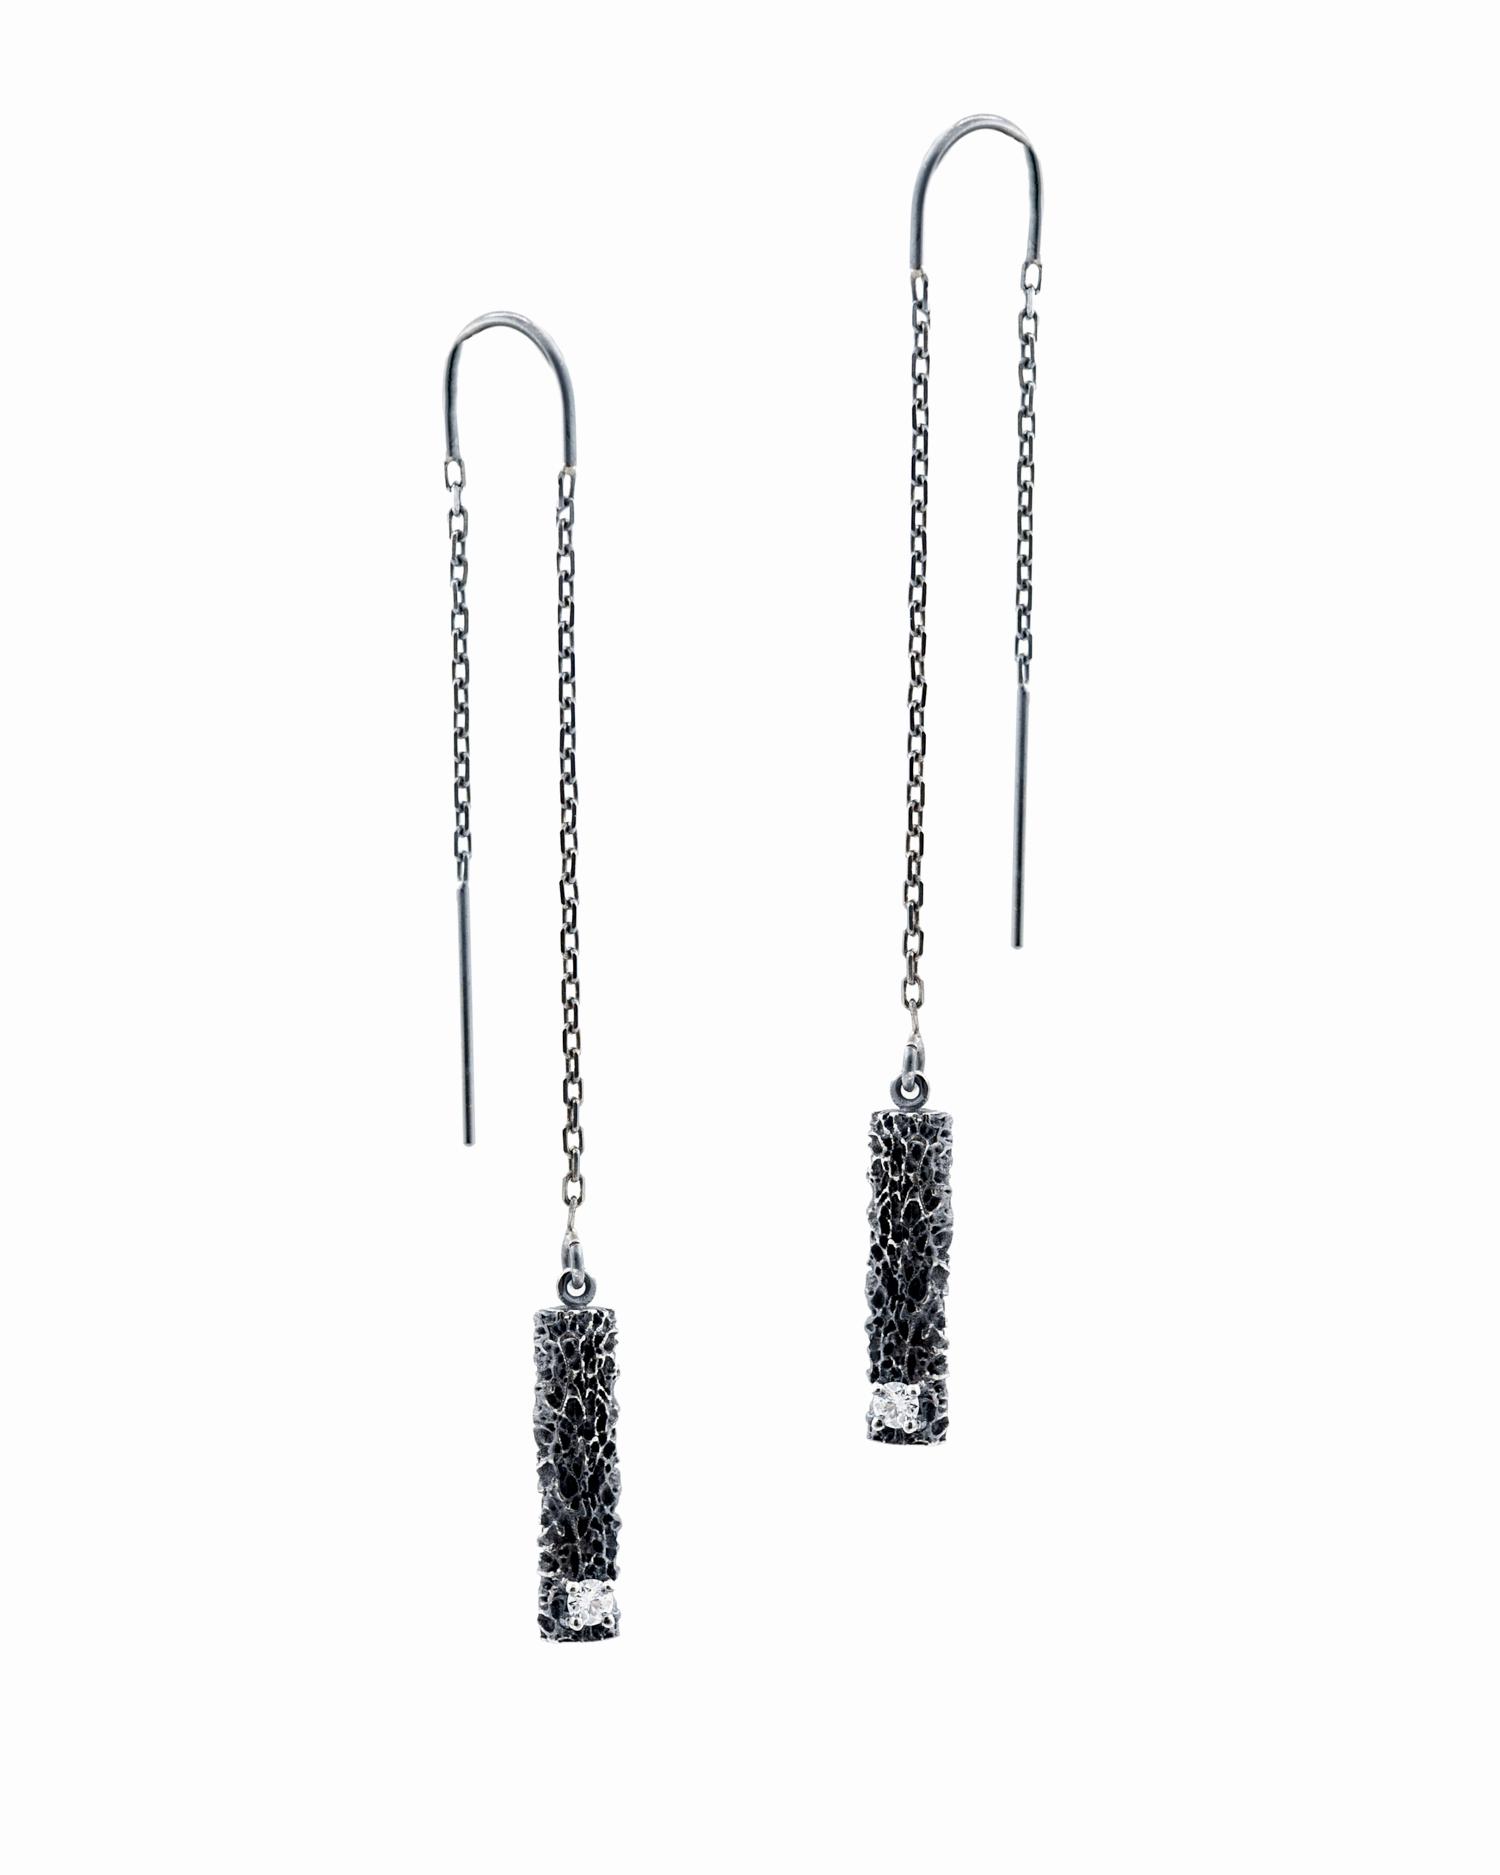 Threaded column earrings: Sterling silver, white diamonds.